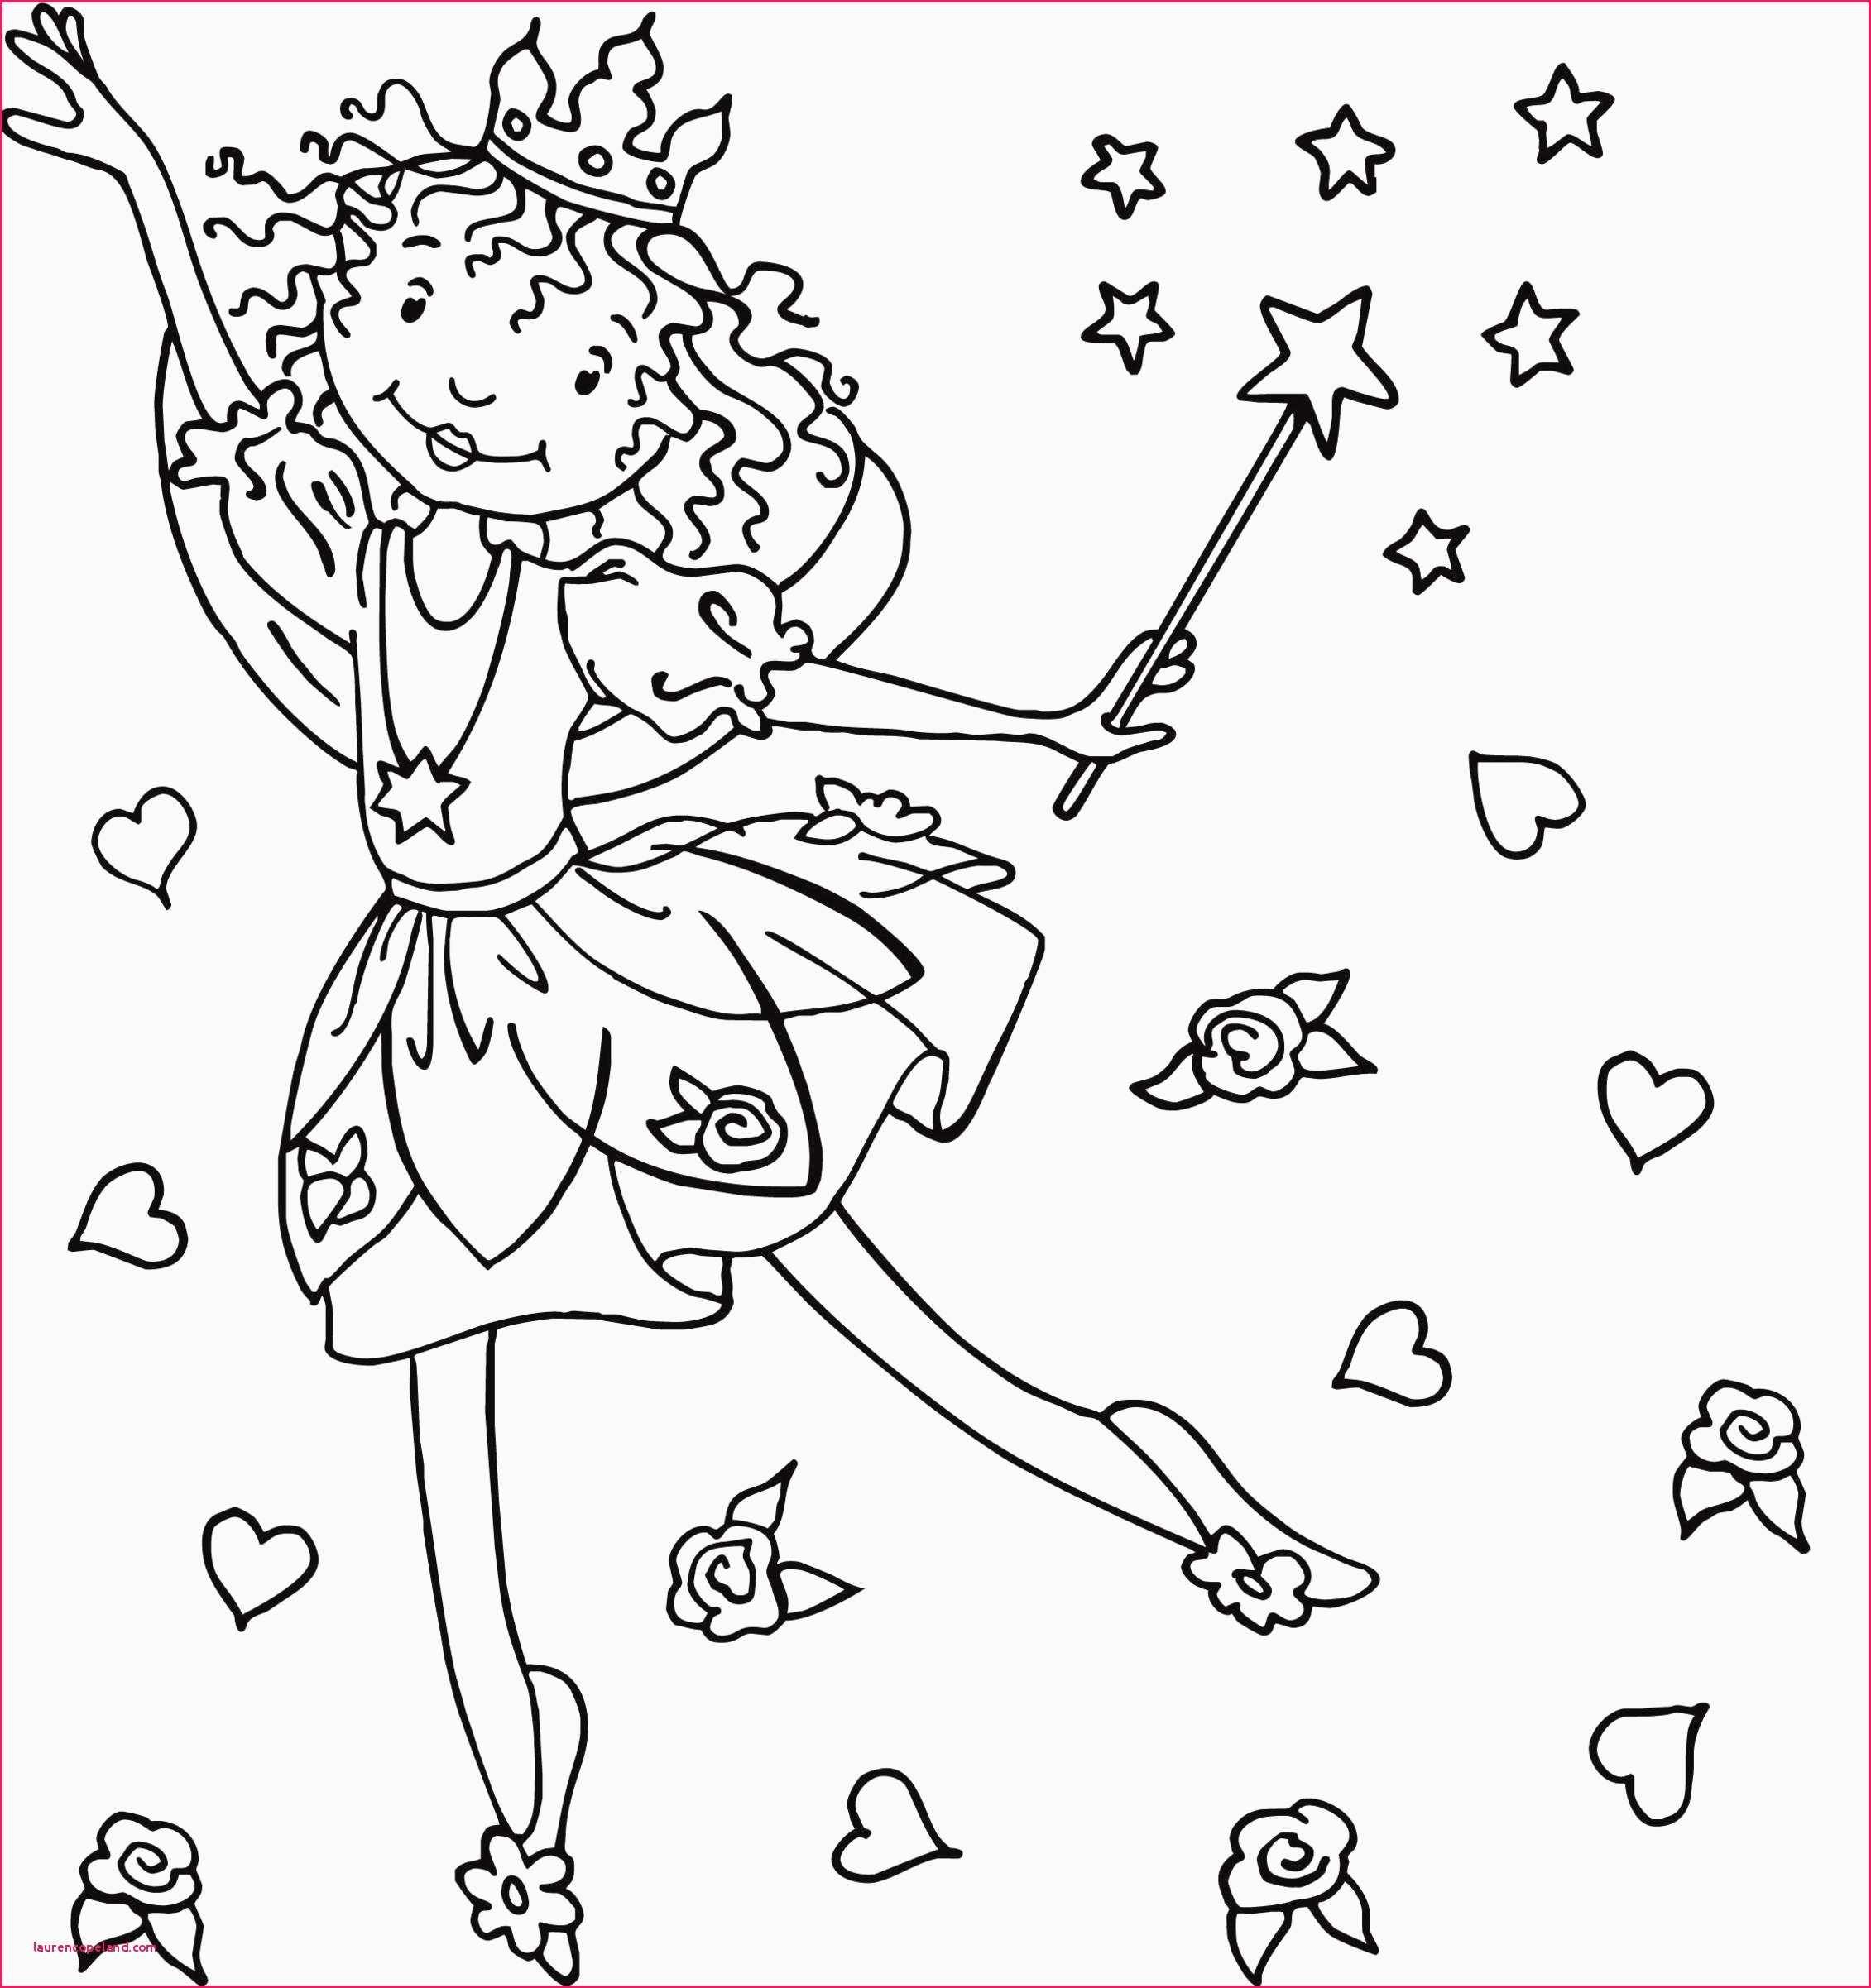 Malvorlagen Prinzessin Lillifee Einzigartig Window Color Herbst Vorlagen 25 Druckbar Ausmalbilder Prinzessin Bild